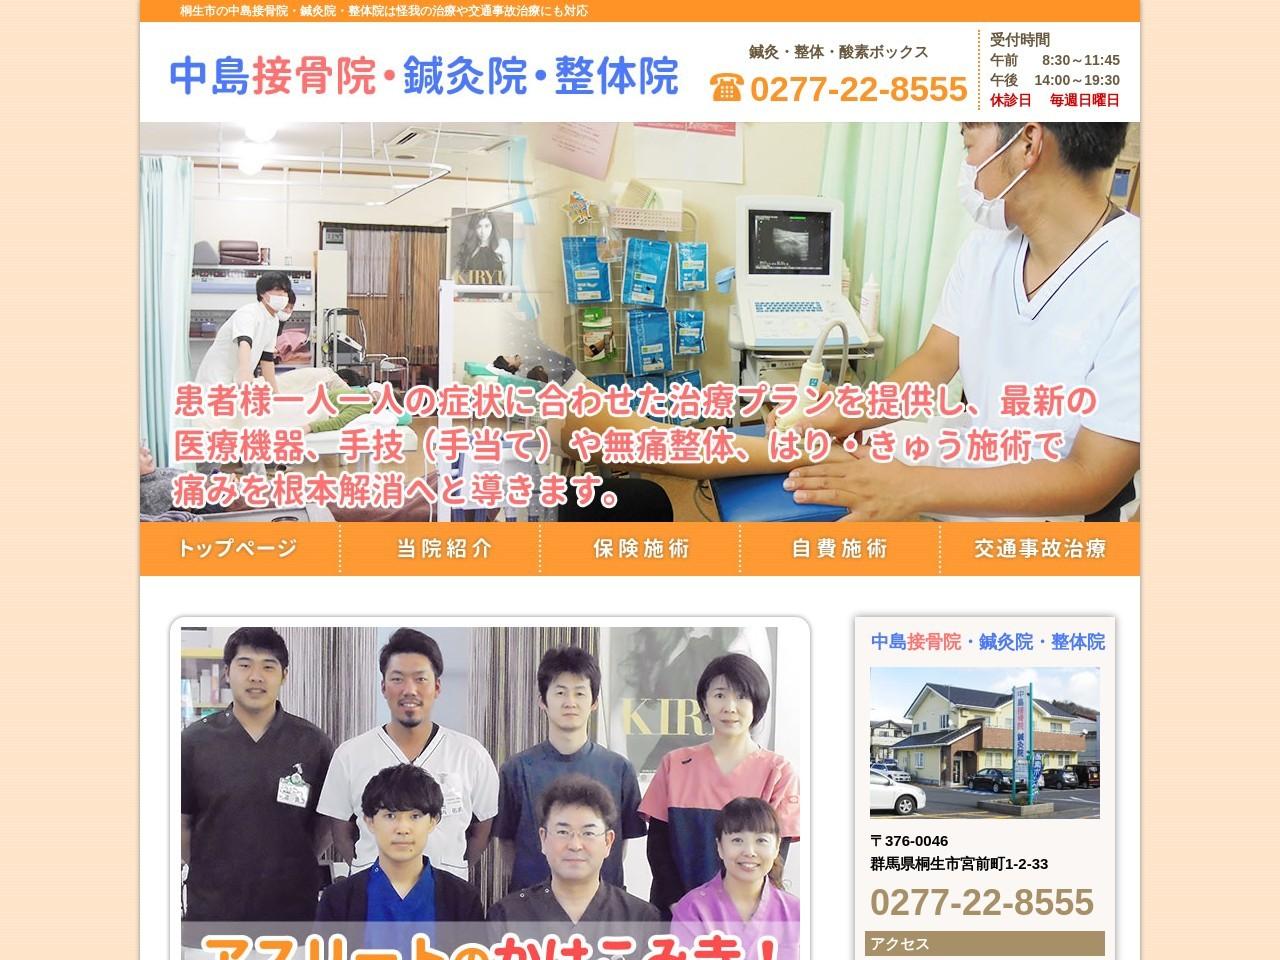 中島接骨院・鍼灸院・整体院